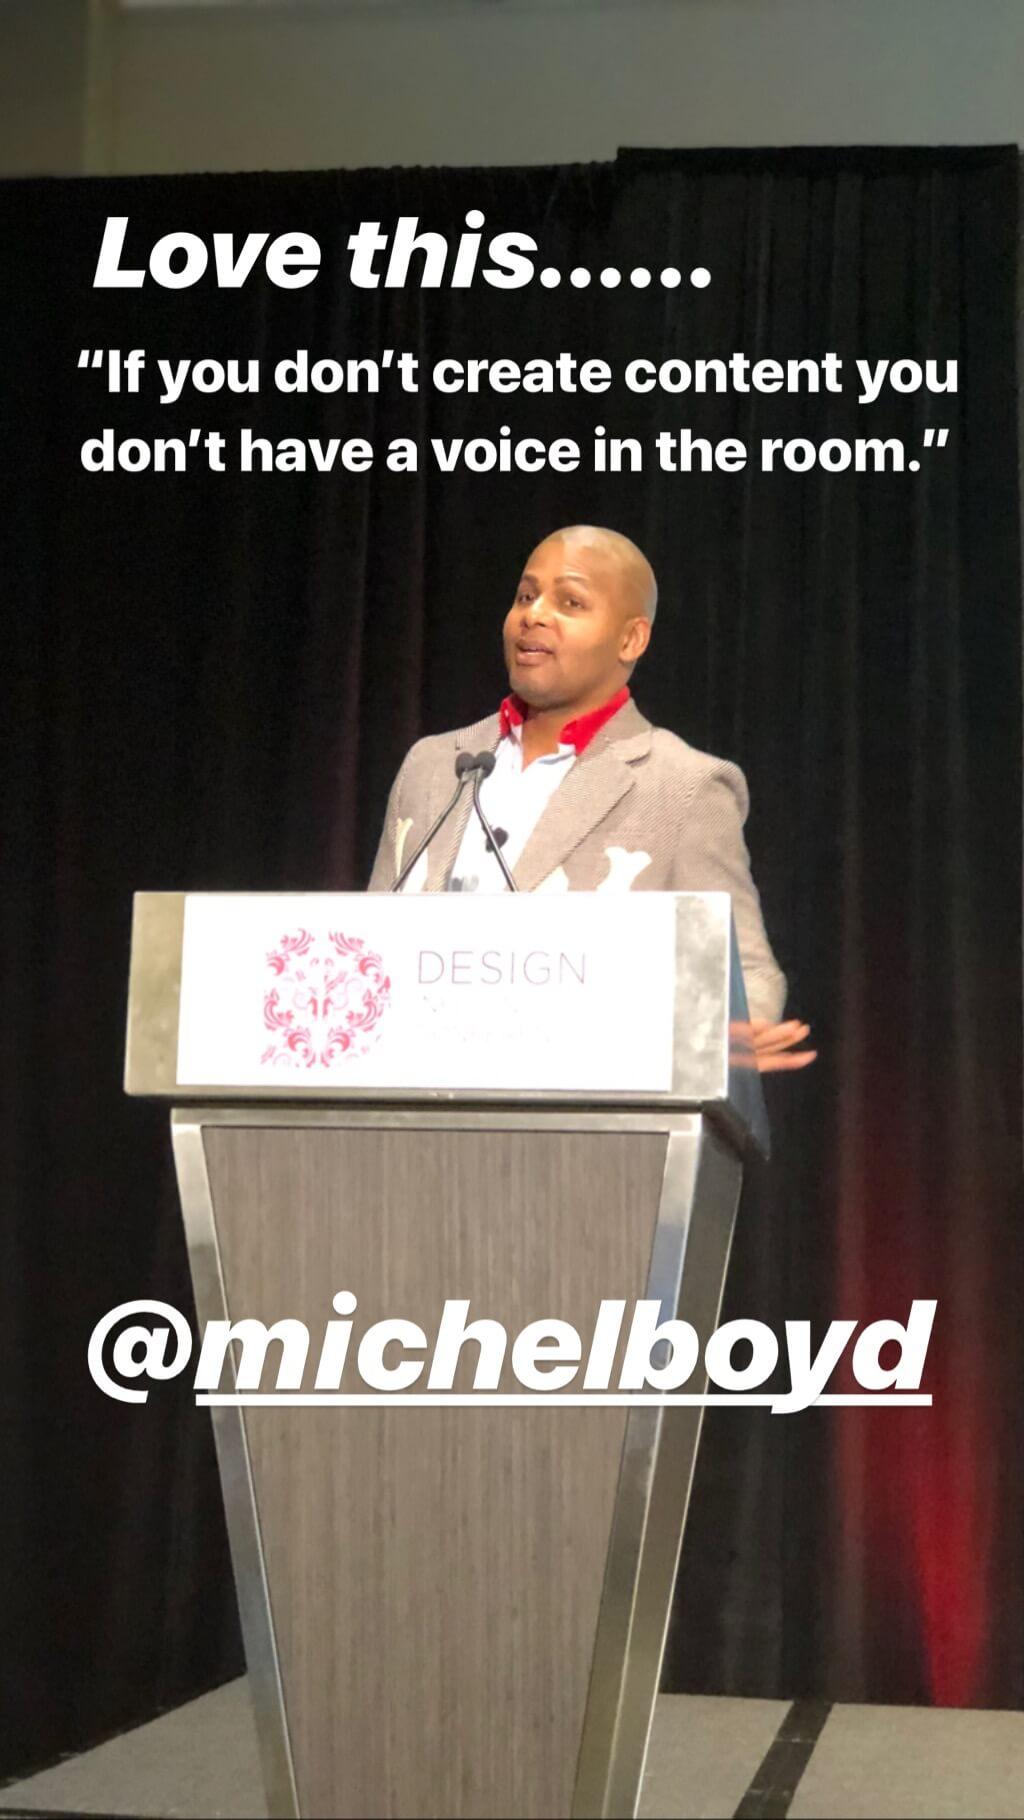 Michel Boyd Design Influencers Conference Speaker